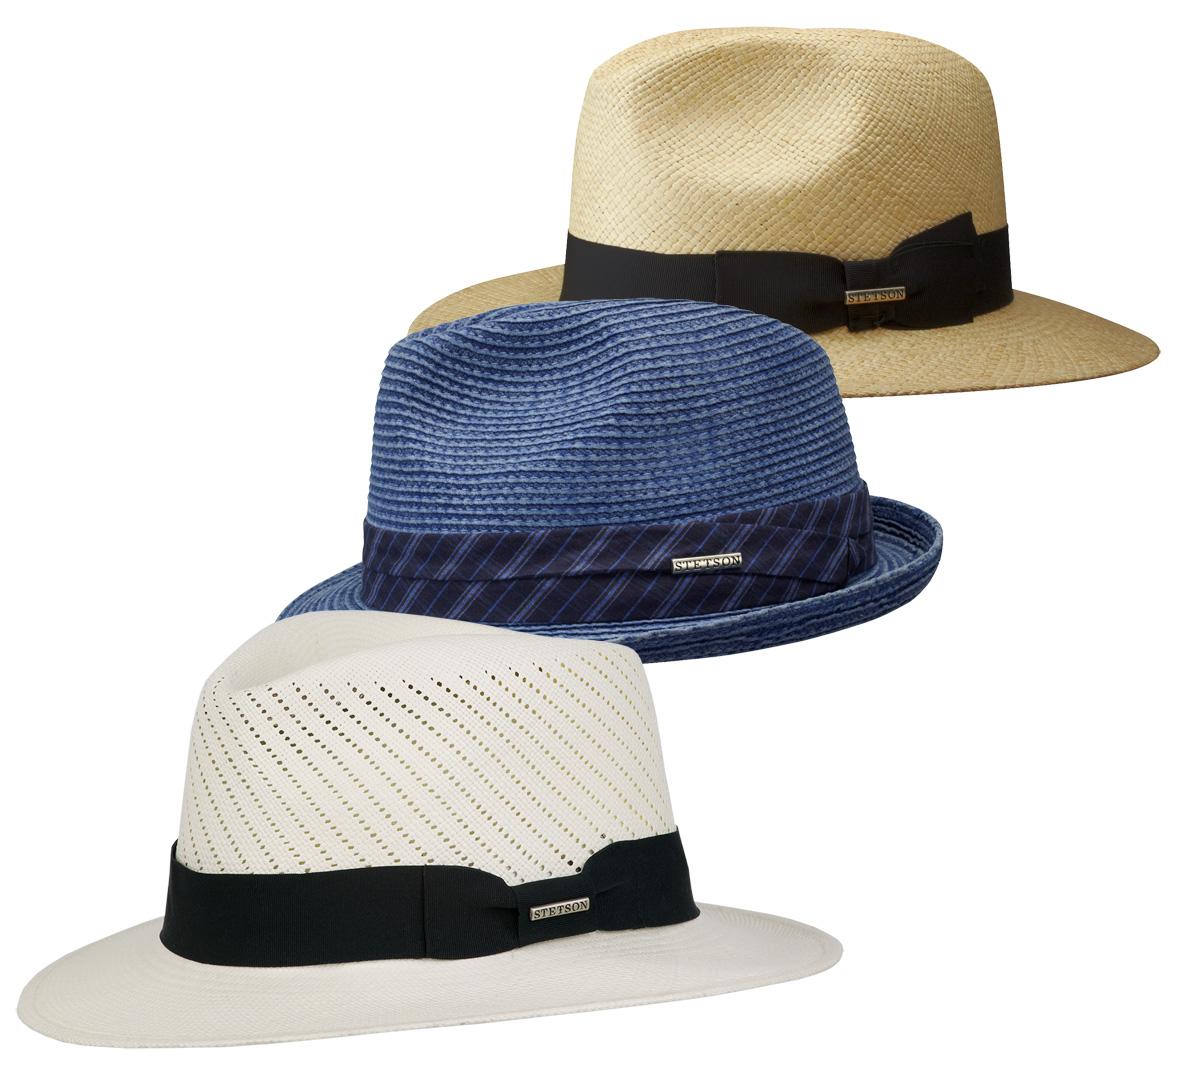 8beb5ee6d Lení slaměný klobouk, tzv. panama, je mimořádným doplňkem´do slunného  počasí (více se o panama kloboucích dozvíte na našem blogu).